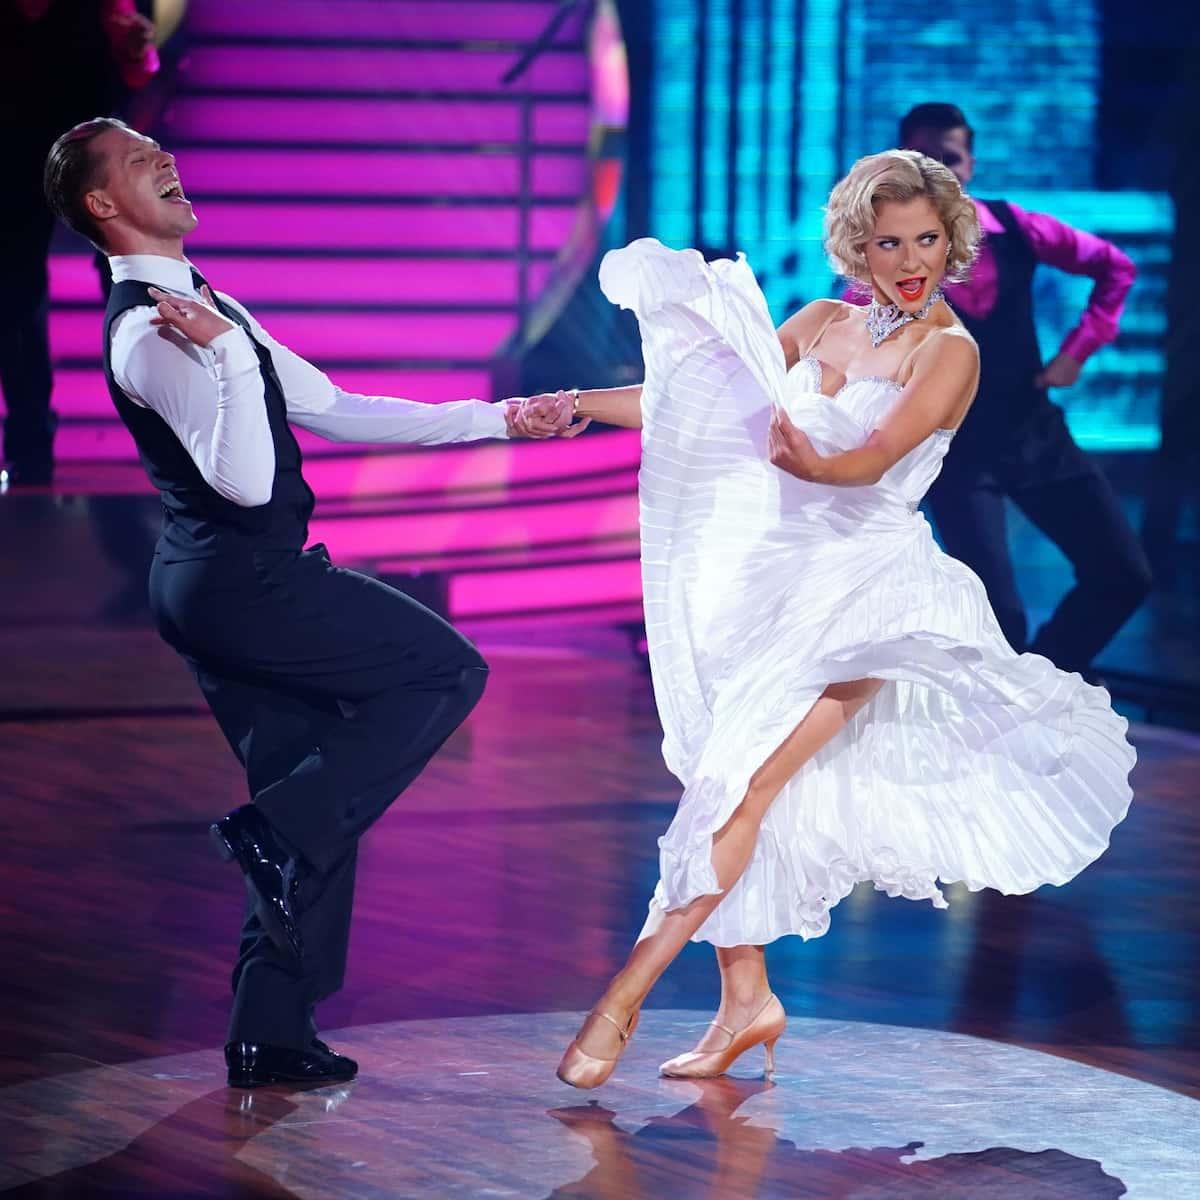 Valentina Pahde und Valentin Lusin in ihrer Kür im Finale Let's dance am 28.5.2021